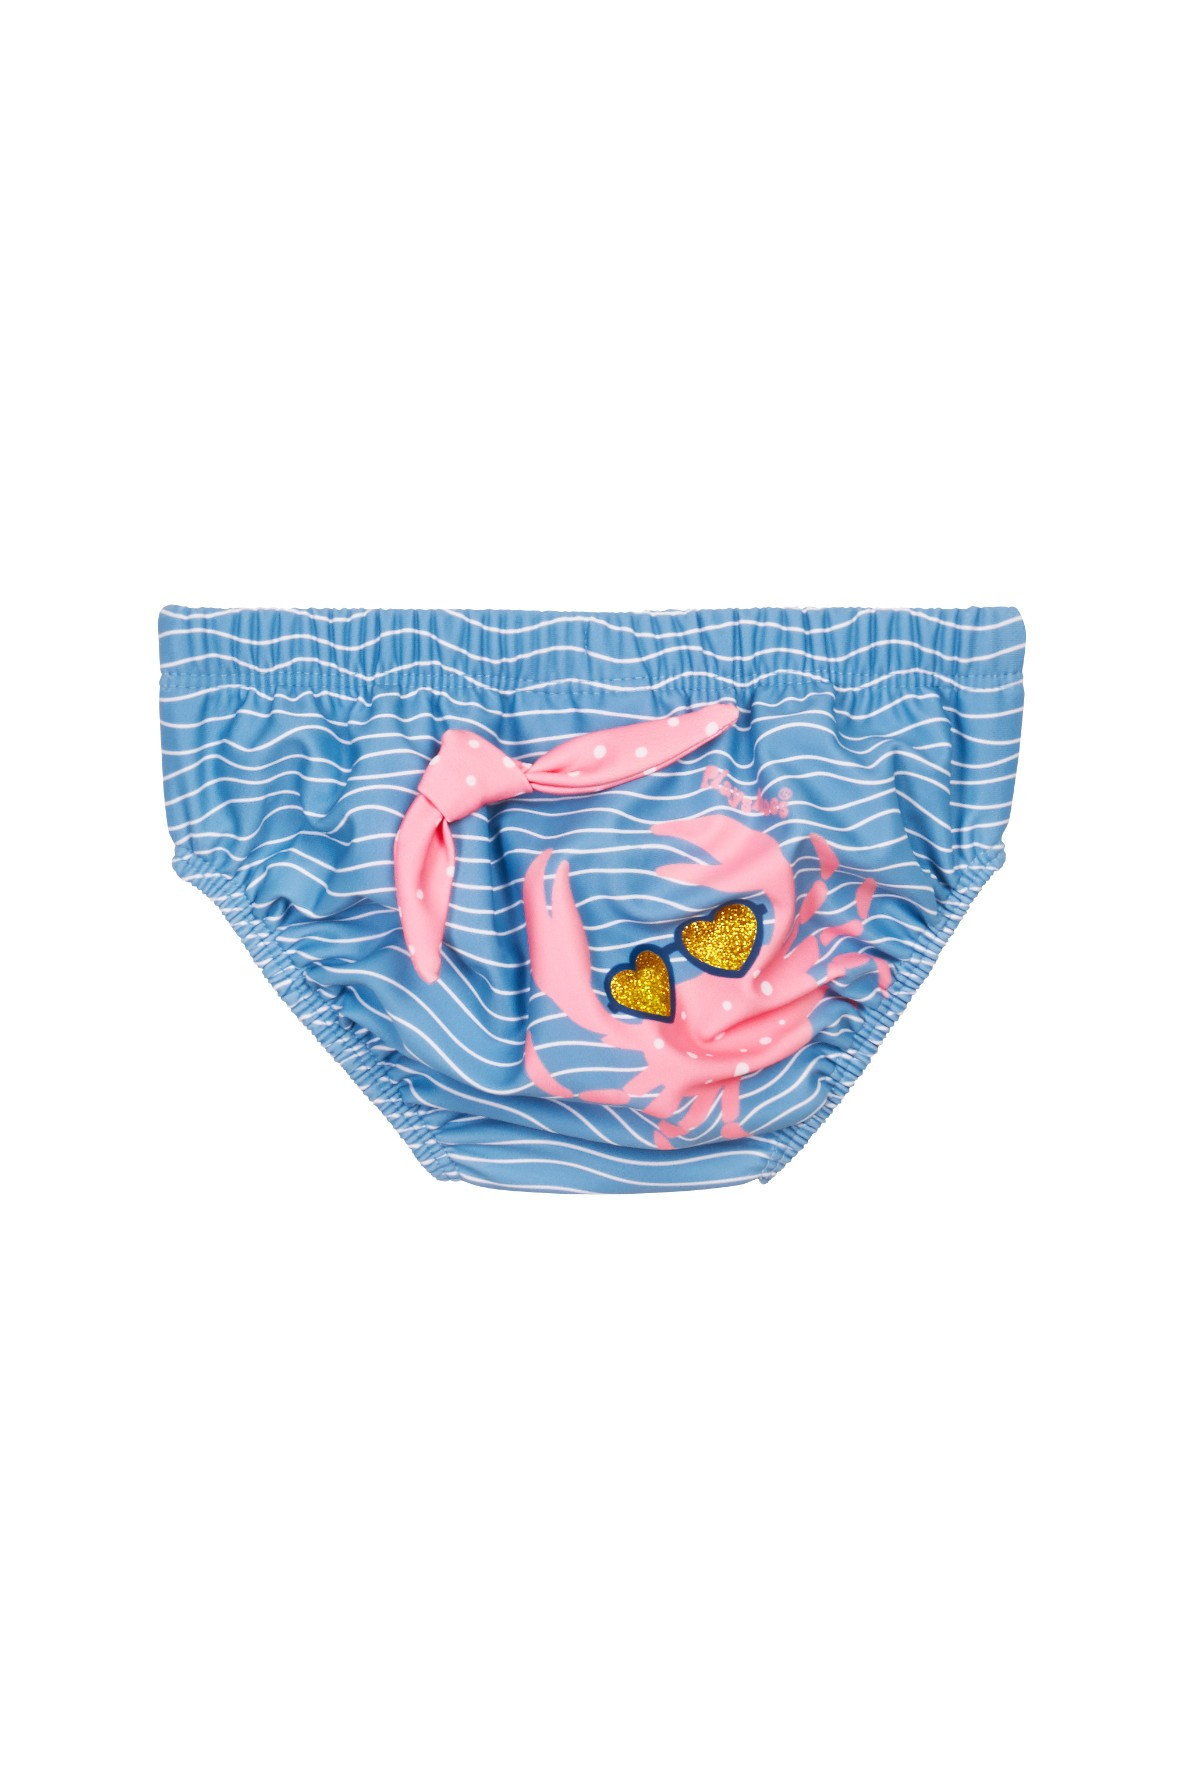 Majtki kąpielowe dla dziewczynki z pieluchą z filtrem UV Krab